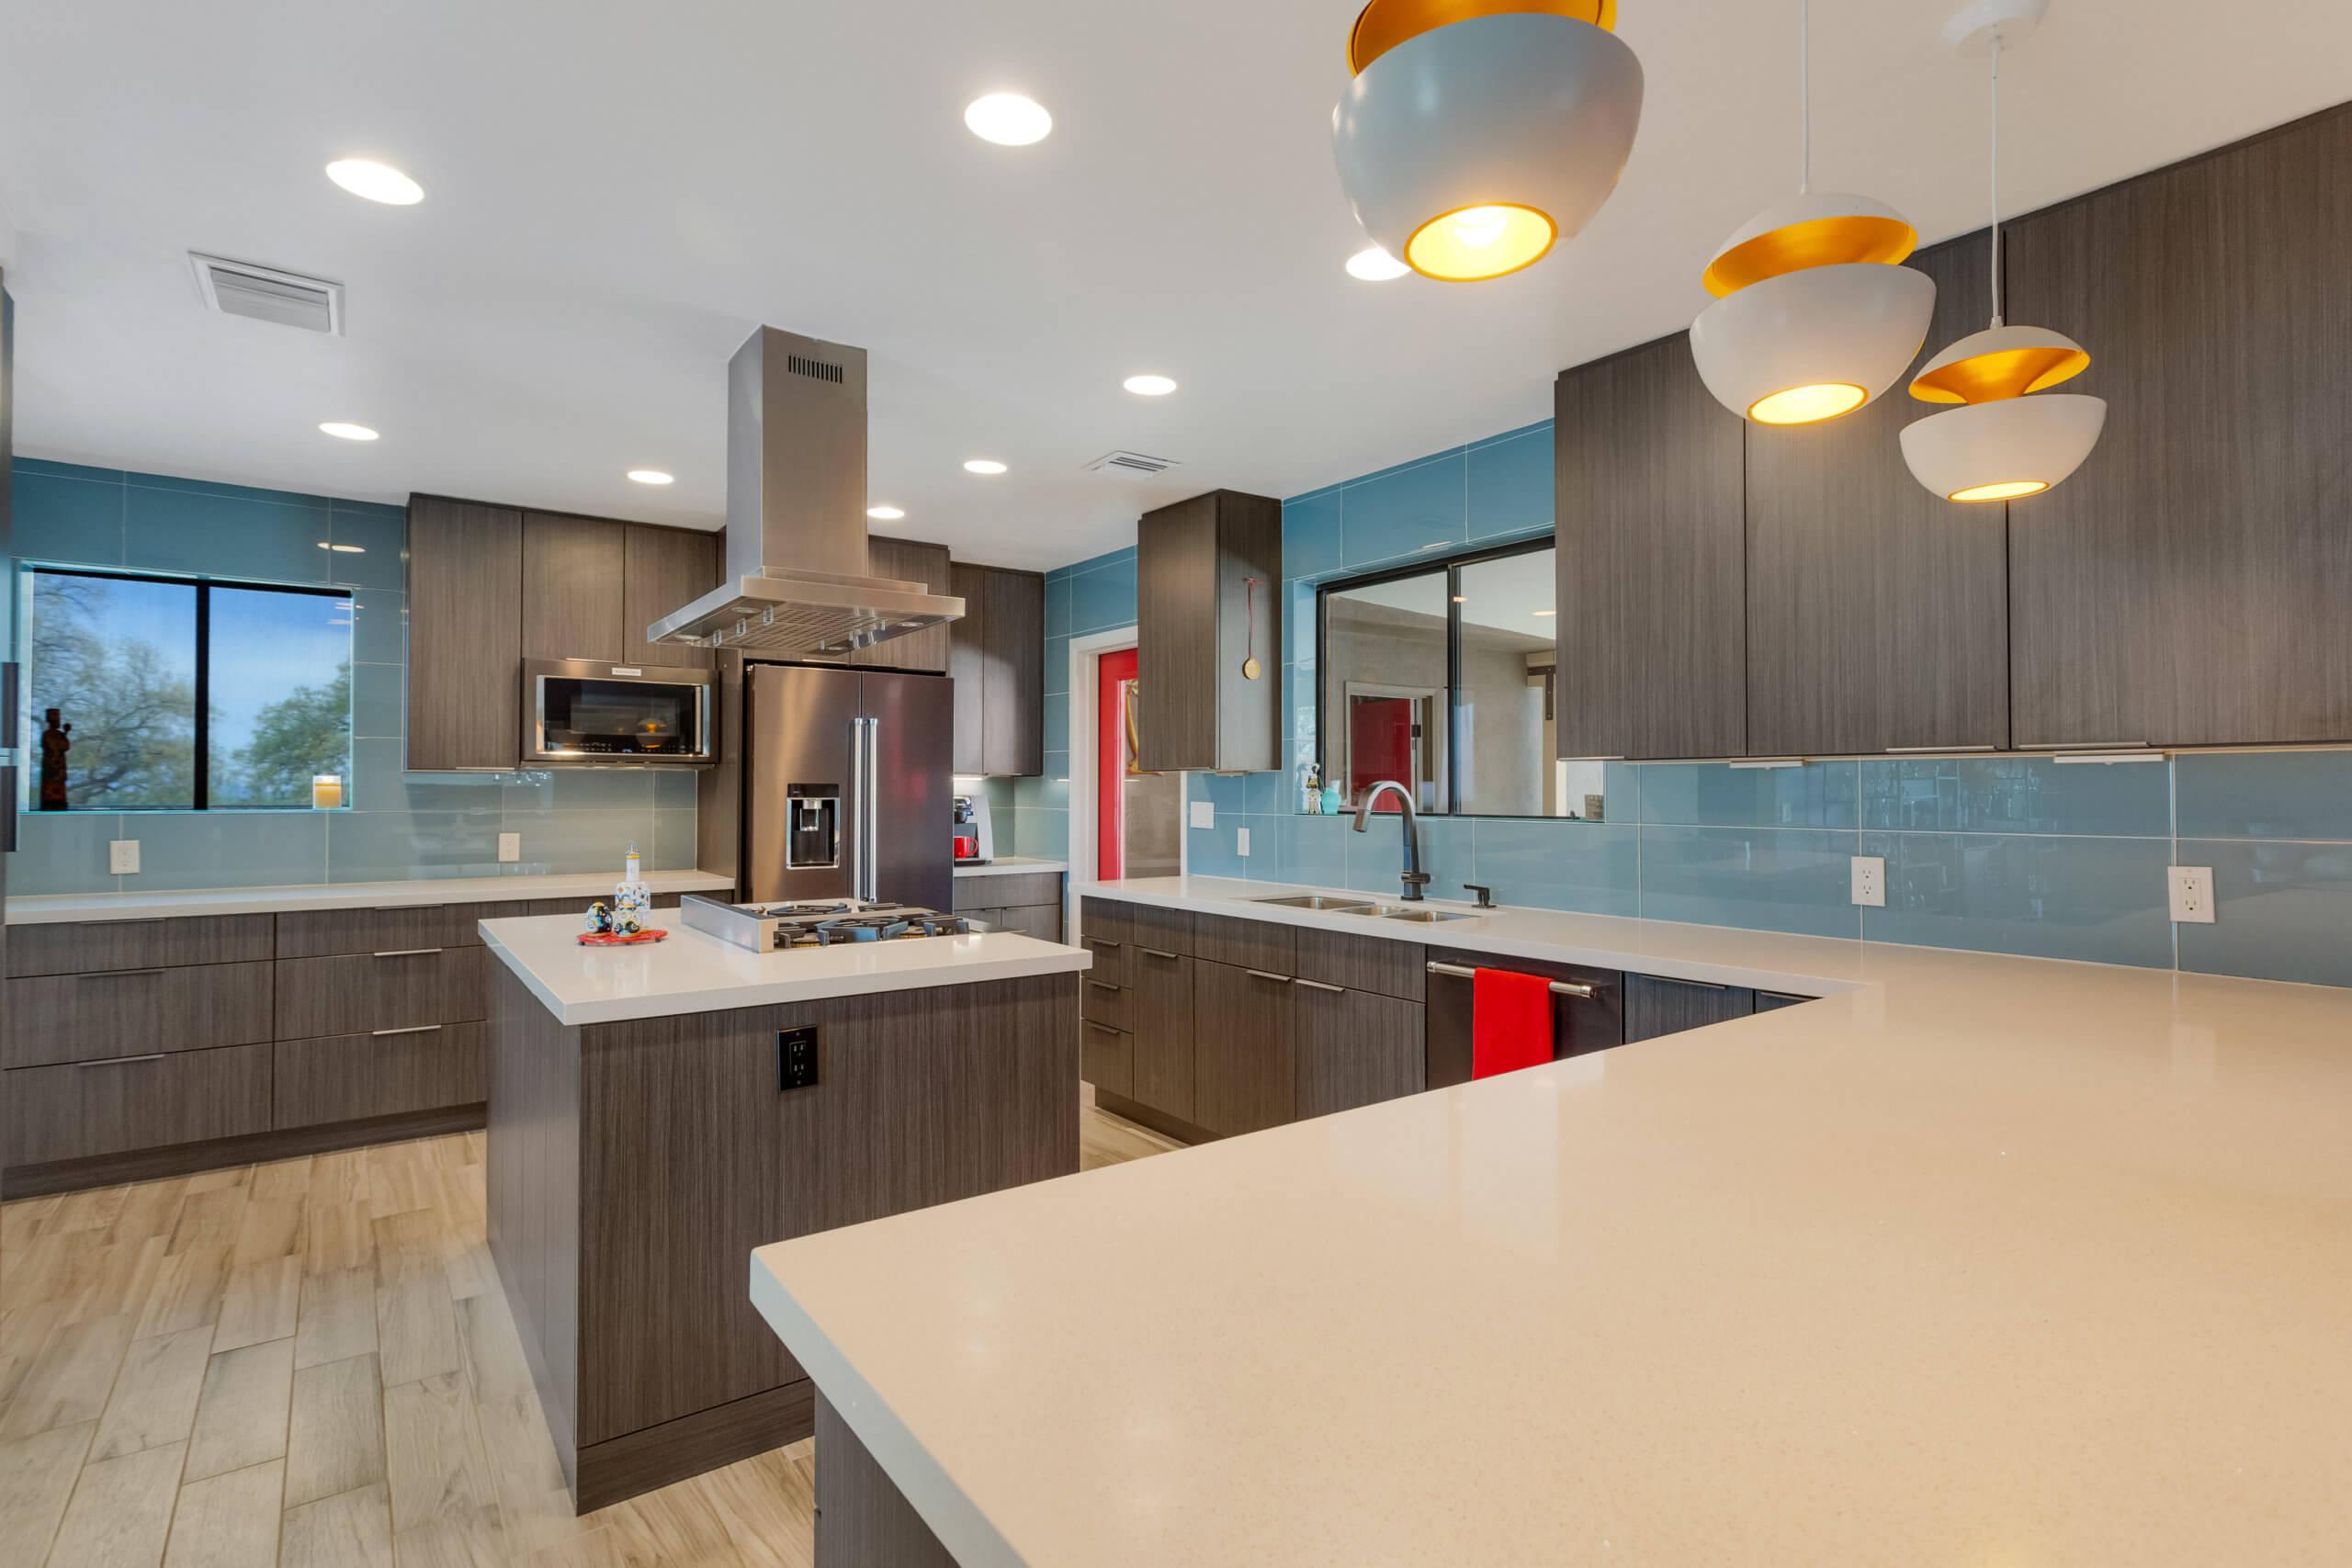 Licorice Slab Remodel Design By Matt Yaney Southwest Kitchen